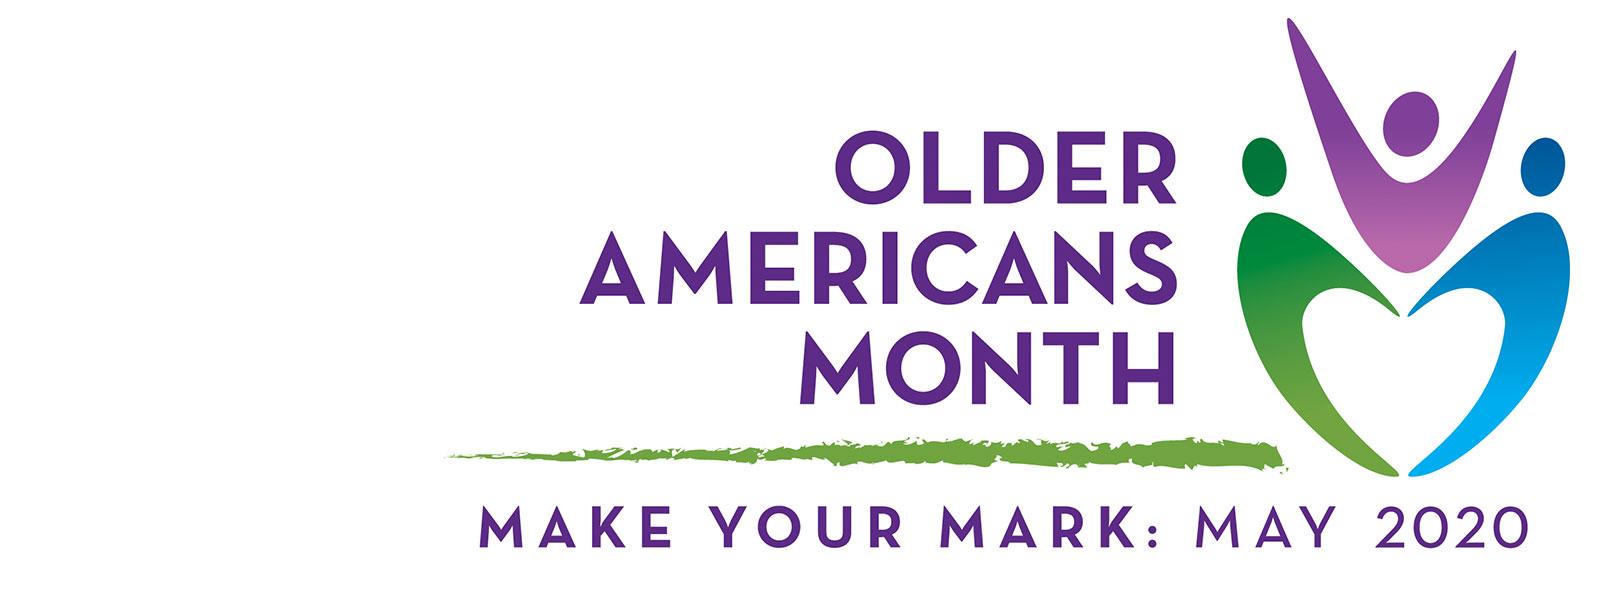 West Bladen Assisted Living is celebrating Older Americans Month.